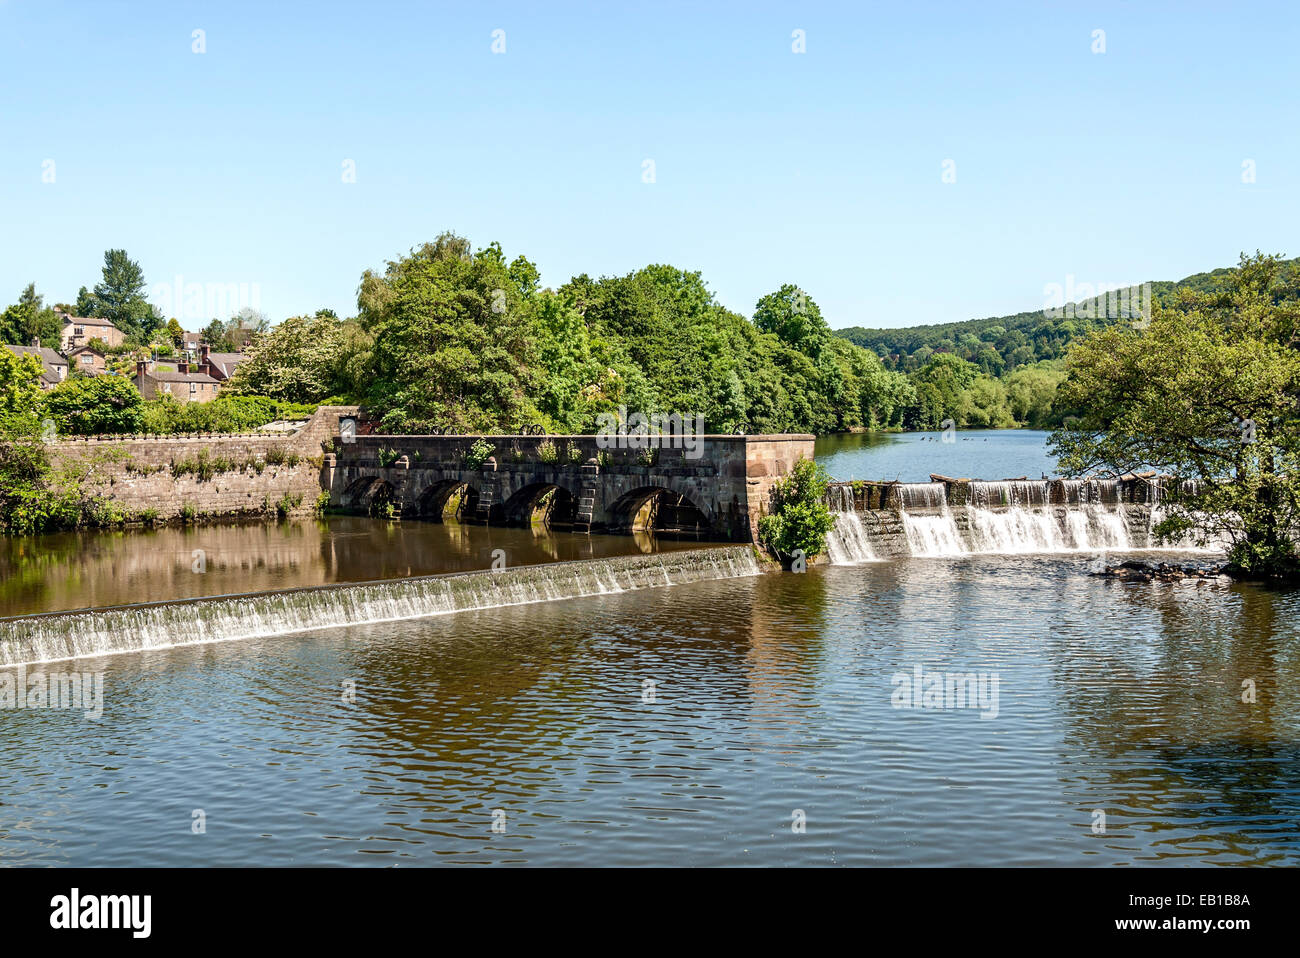 Belper Norden Mühle gehört zu den Derwent Valley Mills, UNESCO-Welterbe-Status im Jahr 2001, England benannt. Stockbild